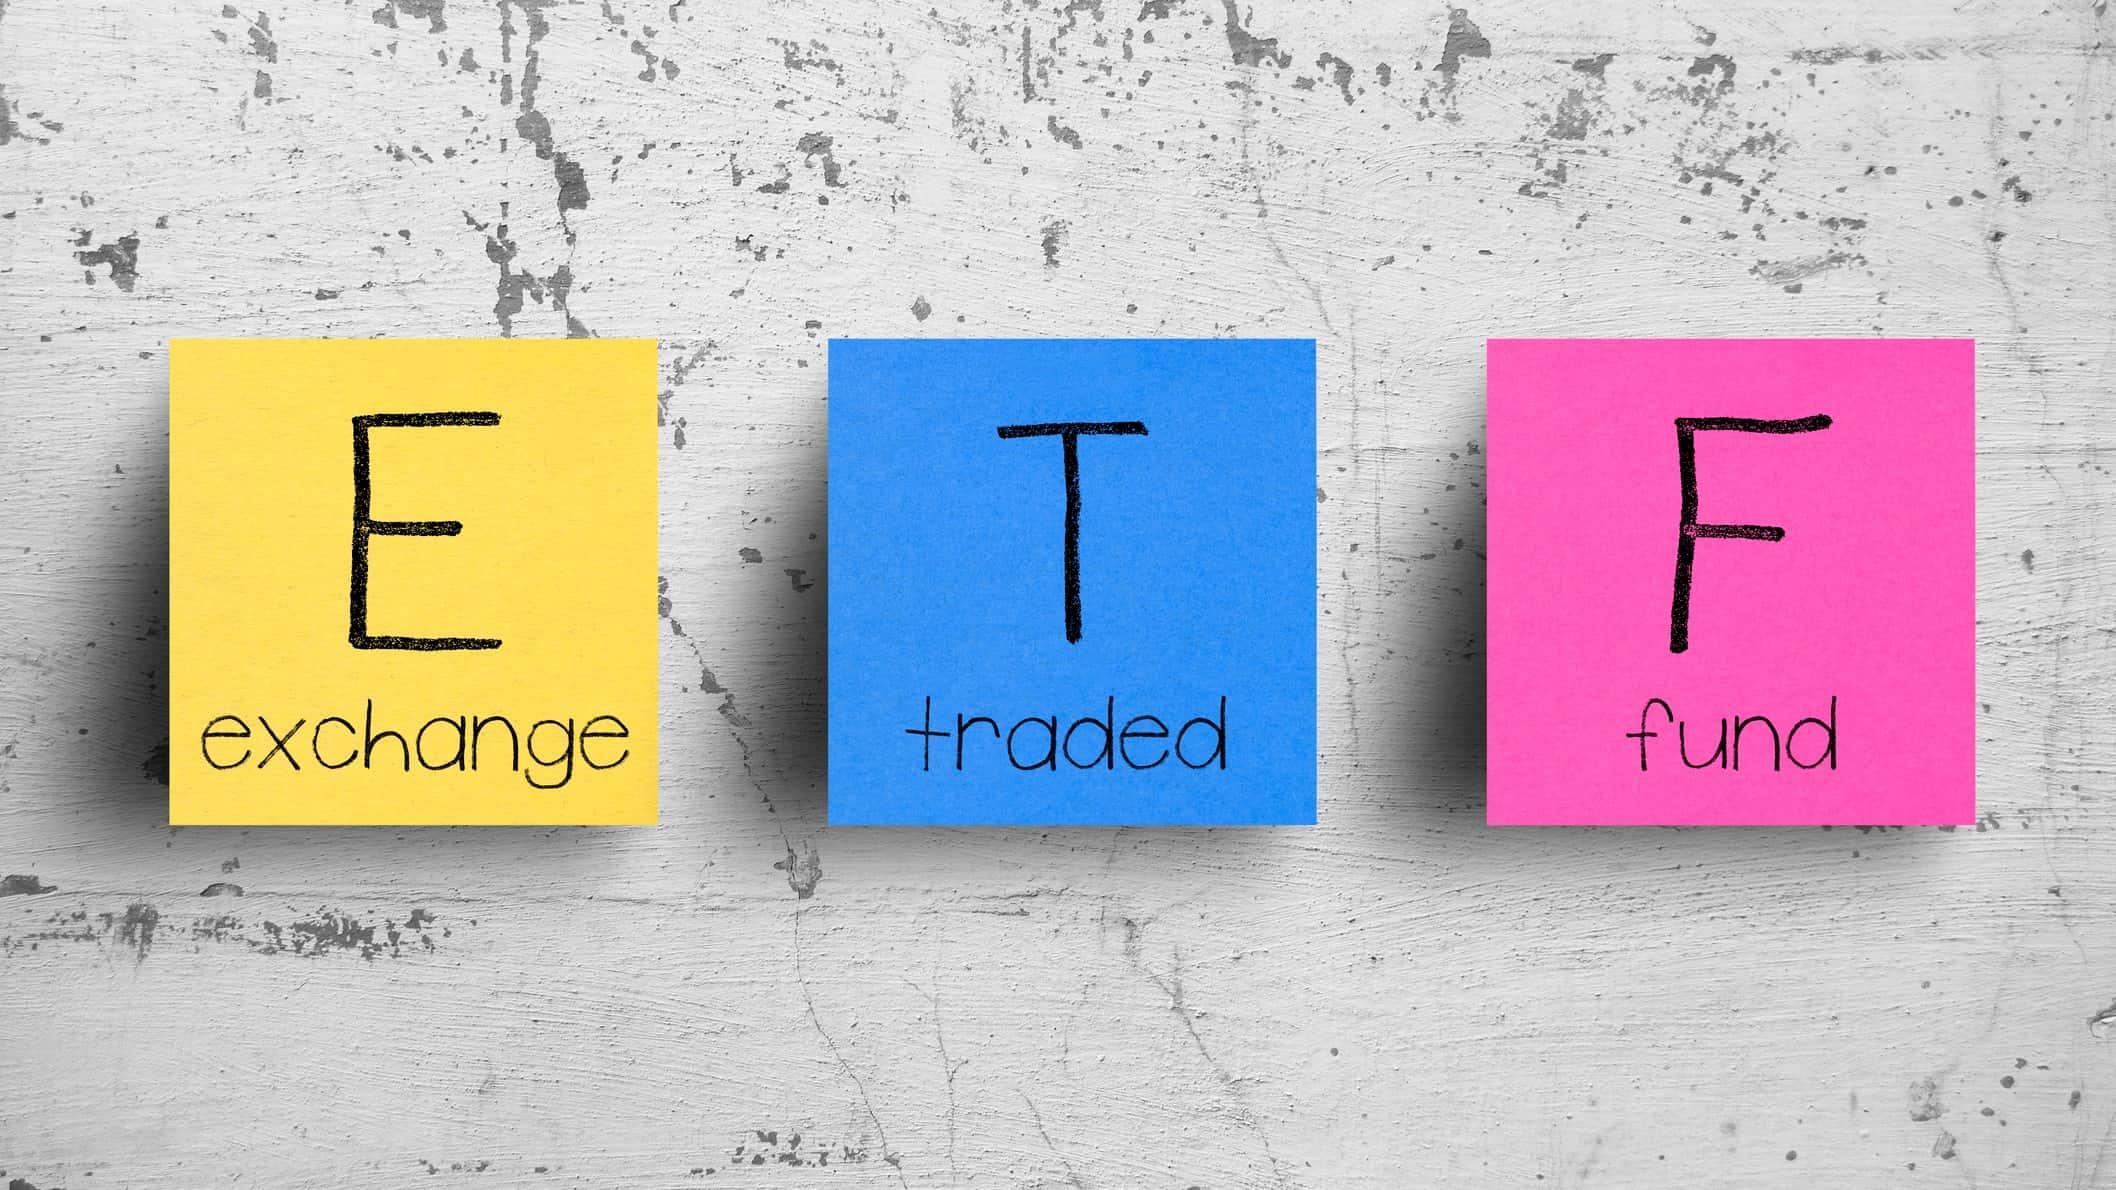 آخرین خبرها از صندوق های ETF دولت؛ معاملات پالایشی یکم کی آغاز می شود؟